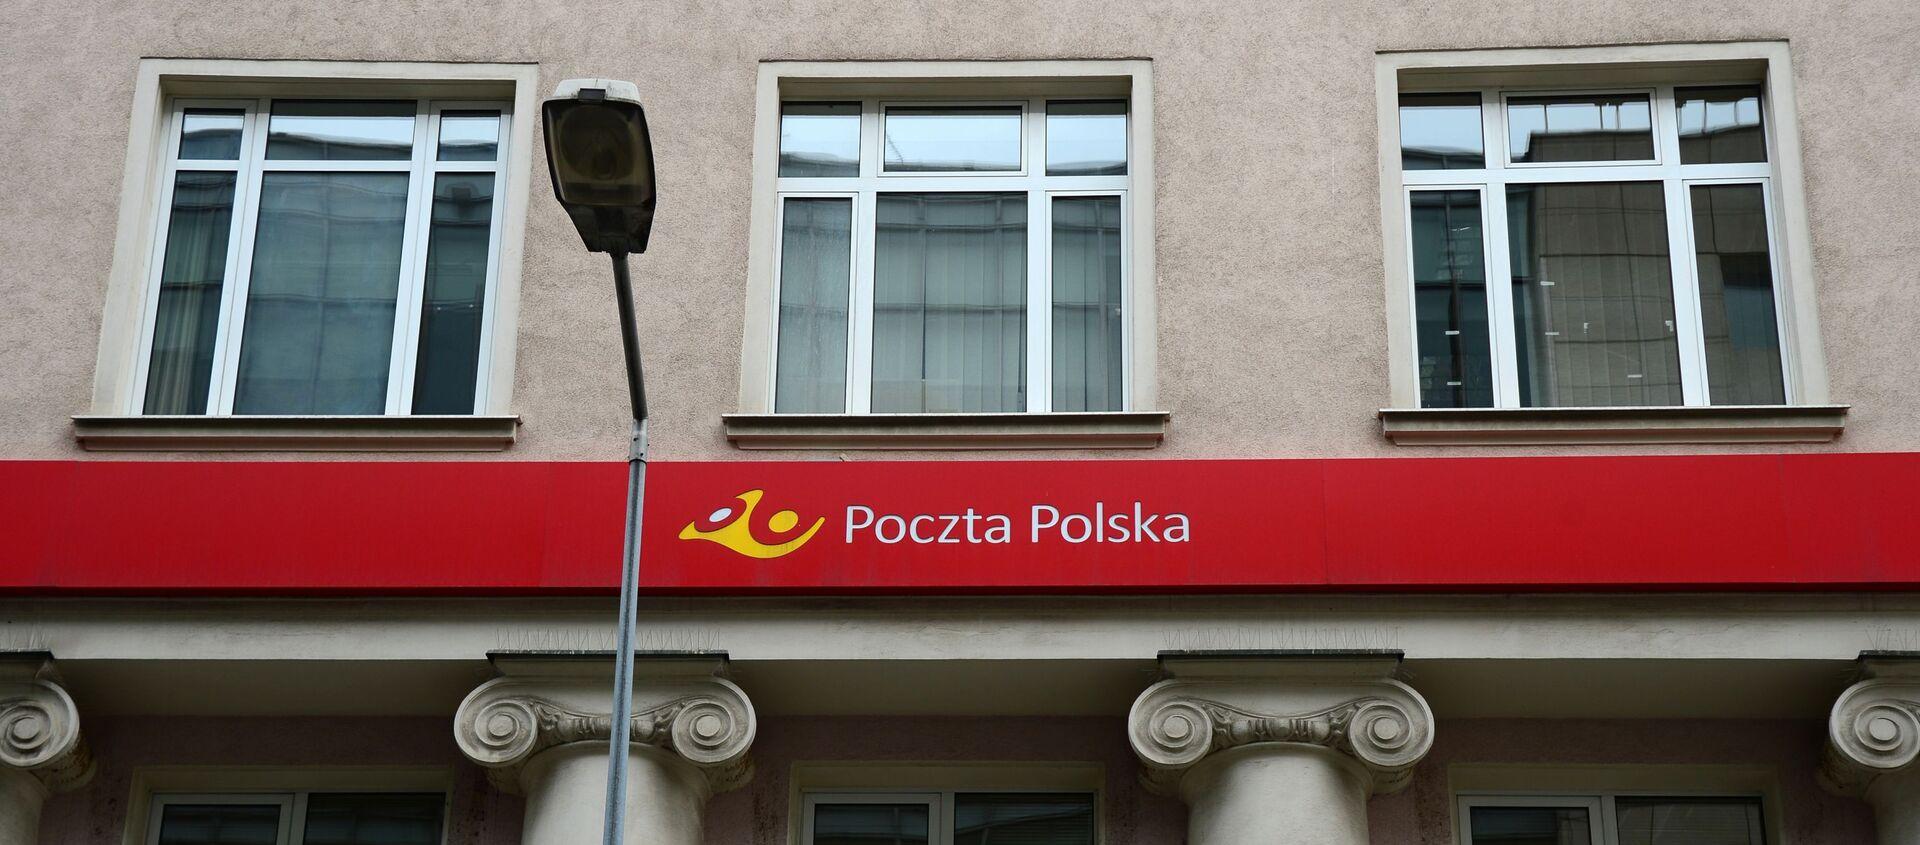 Budynek Poczty Polskiej w Warszawie - Sputnik Polska, 1920, 22.10.2020